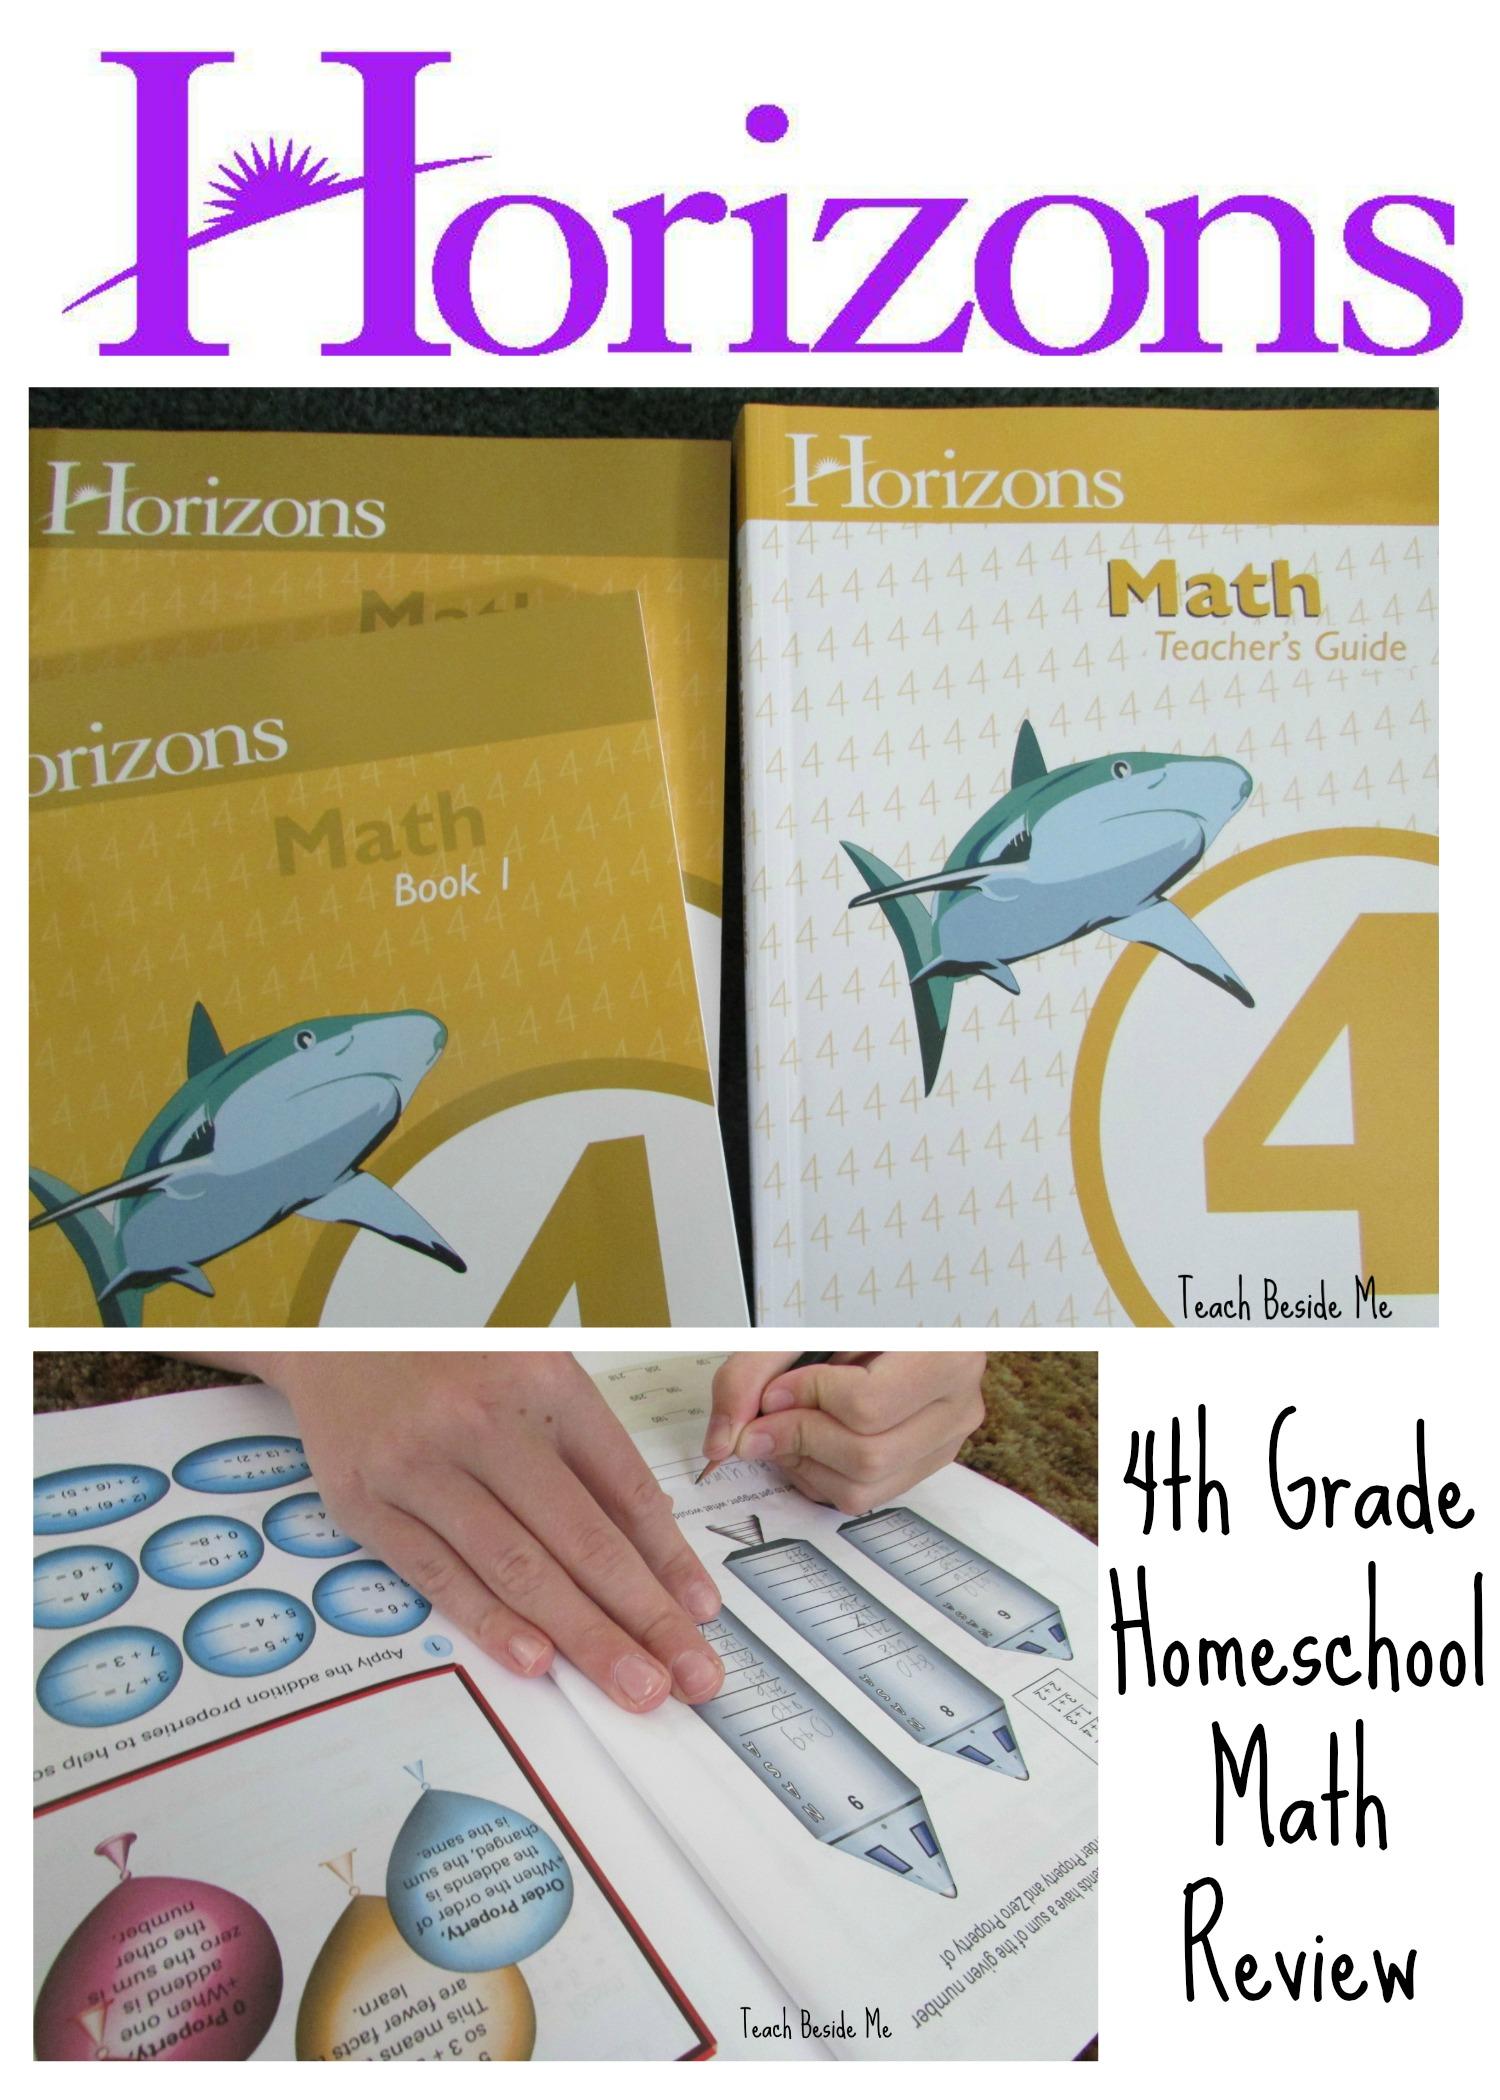 4th grade homeschool math review